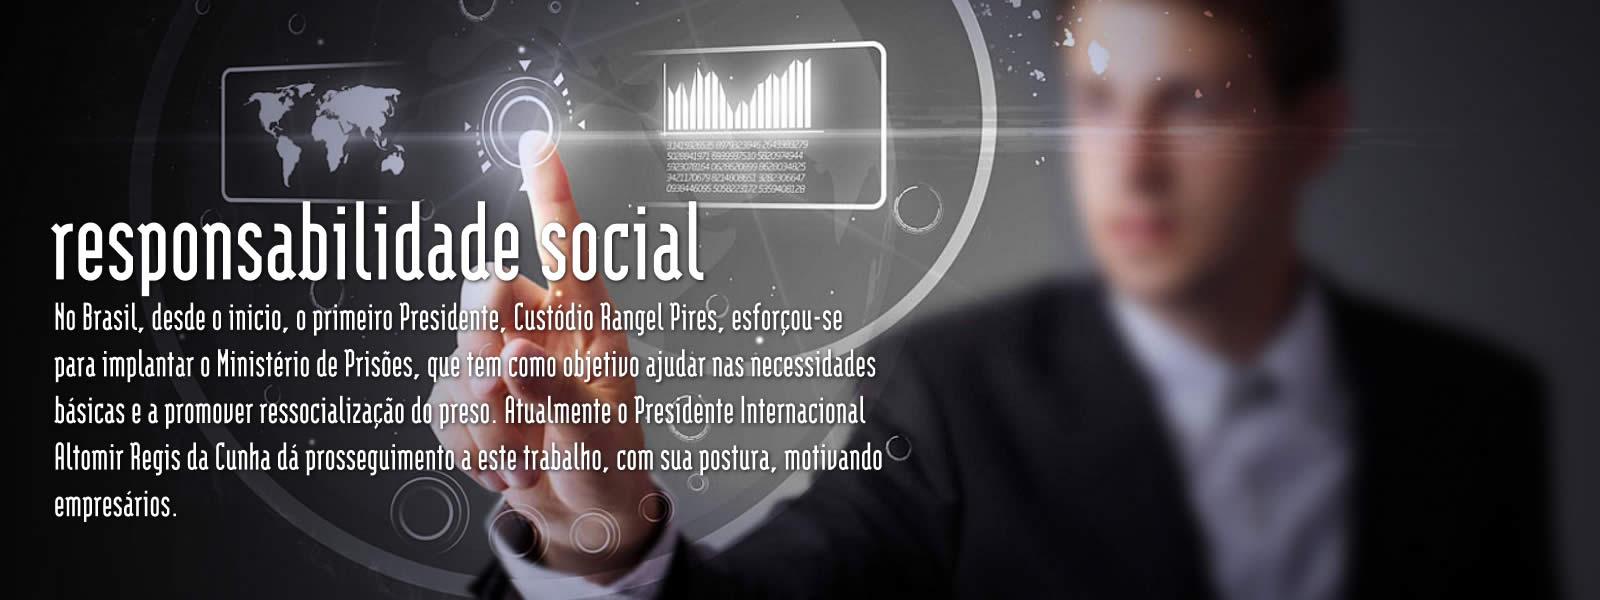 resp_social